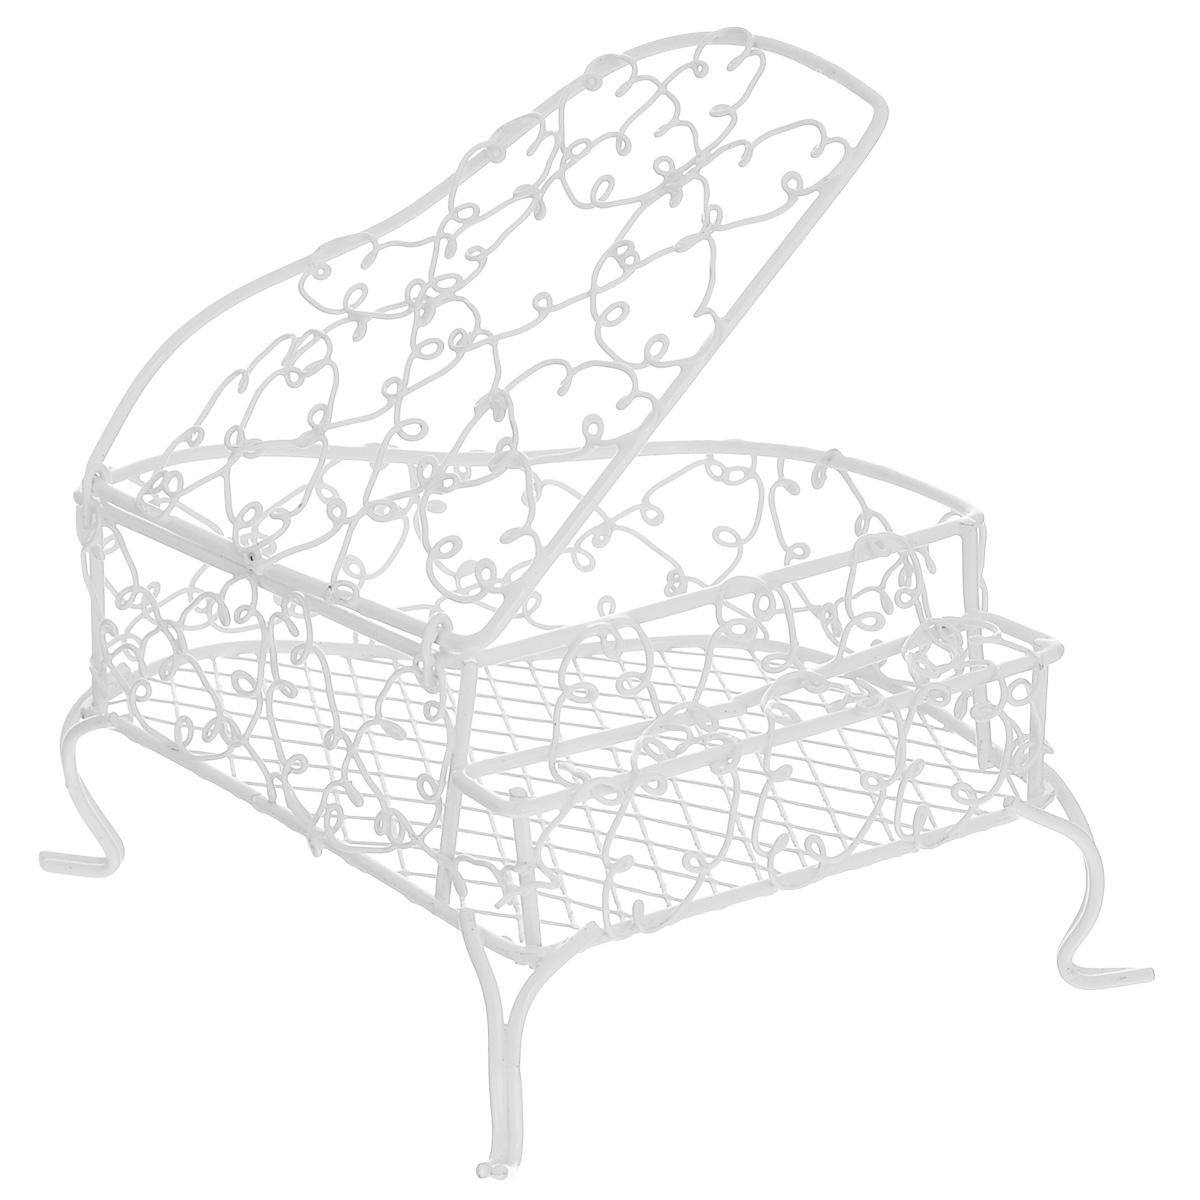 Миниатюра кукольная ScrapBerrys Мини-рояль, цвет: белый, 12 х 10 х 6,5 смSCB271001Миниатюра кукольная ScrapBerrys Мини-рояль изготовлена из высококачественного металла в виде кованого рояля. Изделие оснащено открывающейся крышкой и украшено коваными завитушками. Такая миниатюра прекрасно подойдет для декорирования кукольных домиков, а также для оформления работ в самых различных техниках. С ее помощью можно обставлять румбокс. Можно использовать в шэдоубоксах или просто как изысканные украшения для скрап-работ. Размер изделия: 12 х 10 х 6,5 см.